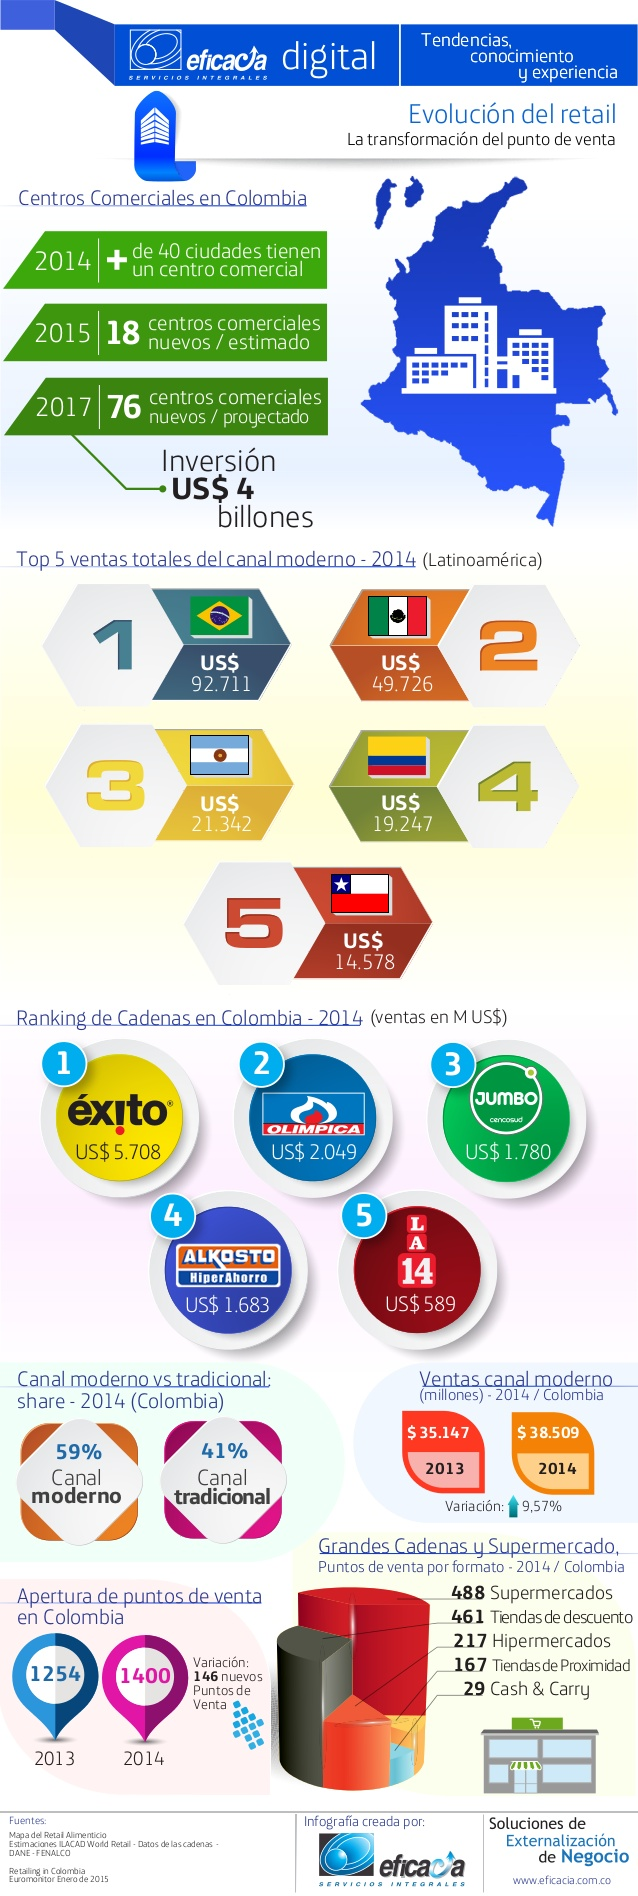 La evolución del retail en Colombia